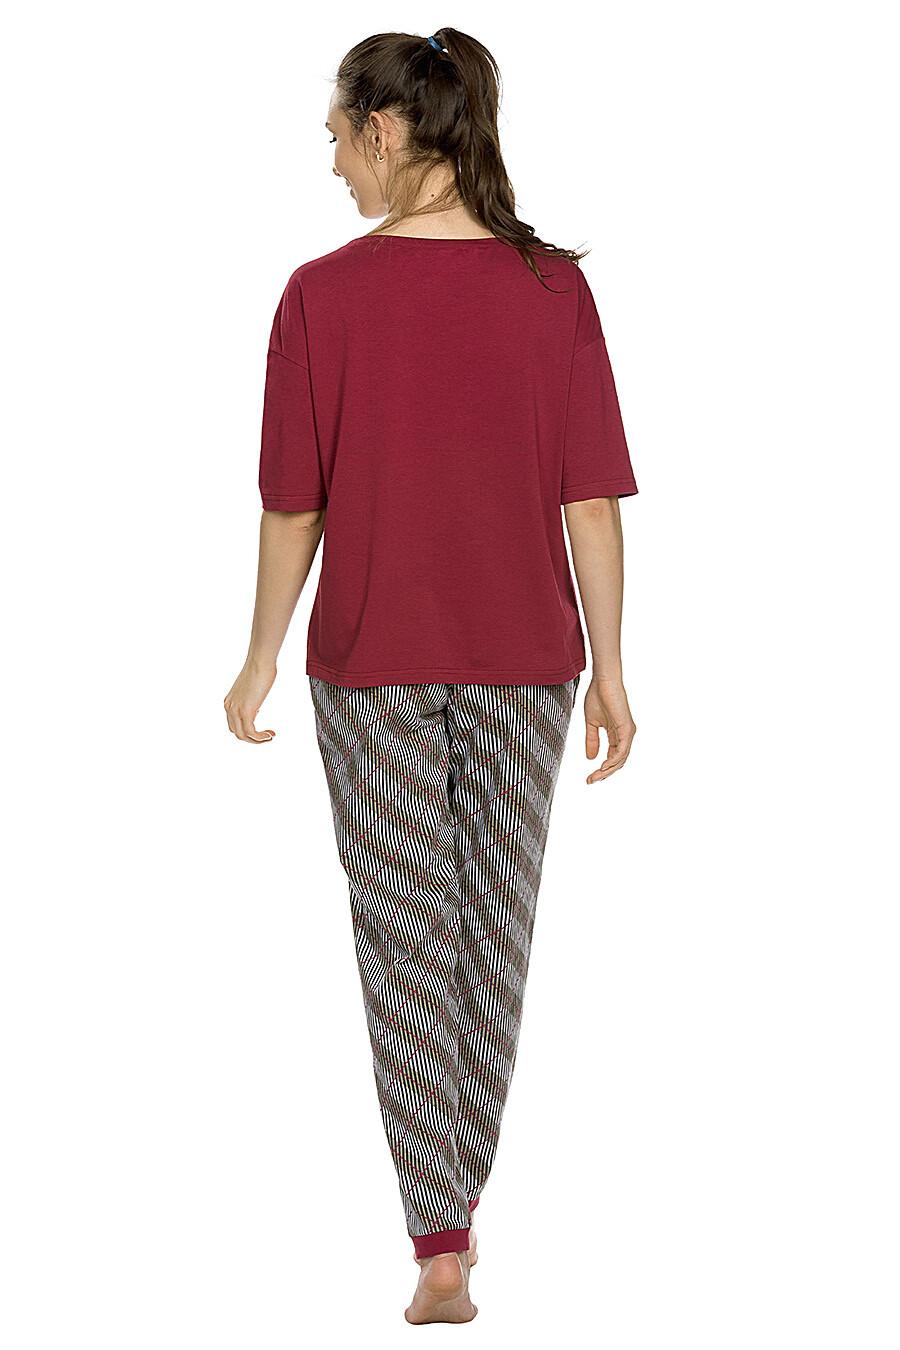 Копмлект (Брюки+Джемпер) для женщин PELICAN 146656 купить оптом от производителя. Совместная покупка женской одежды в OptMoyo